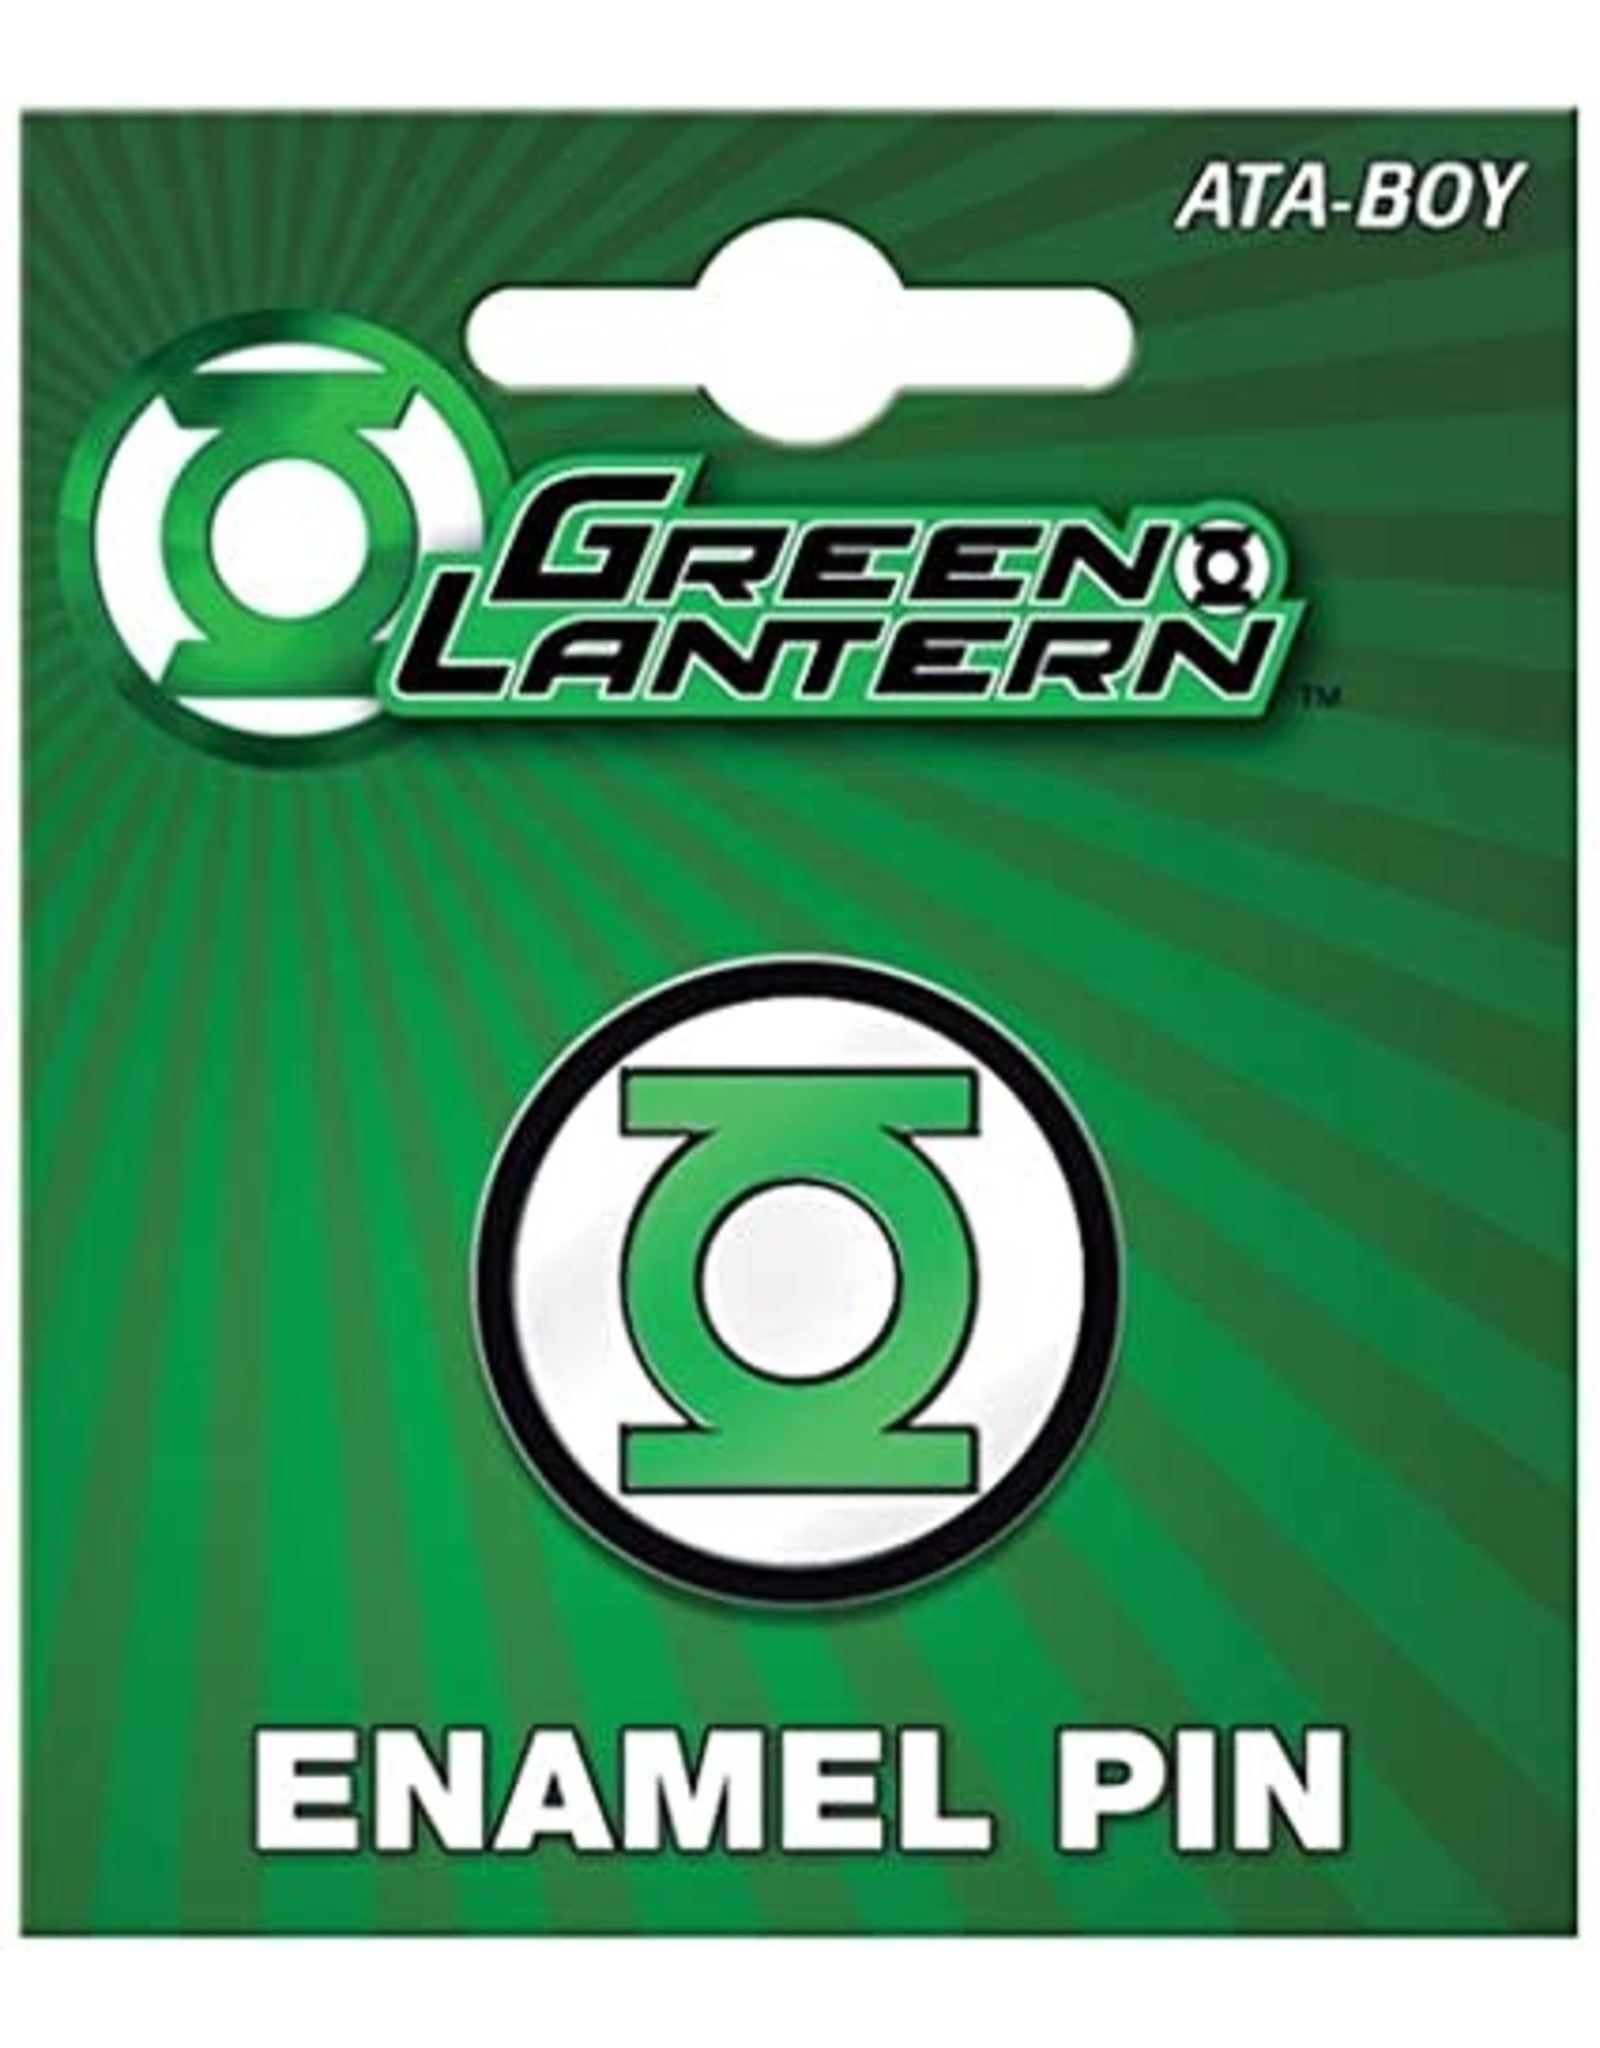 Ata-boy DC GREEN LANTERN LOGO ENAMEL PIN